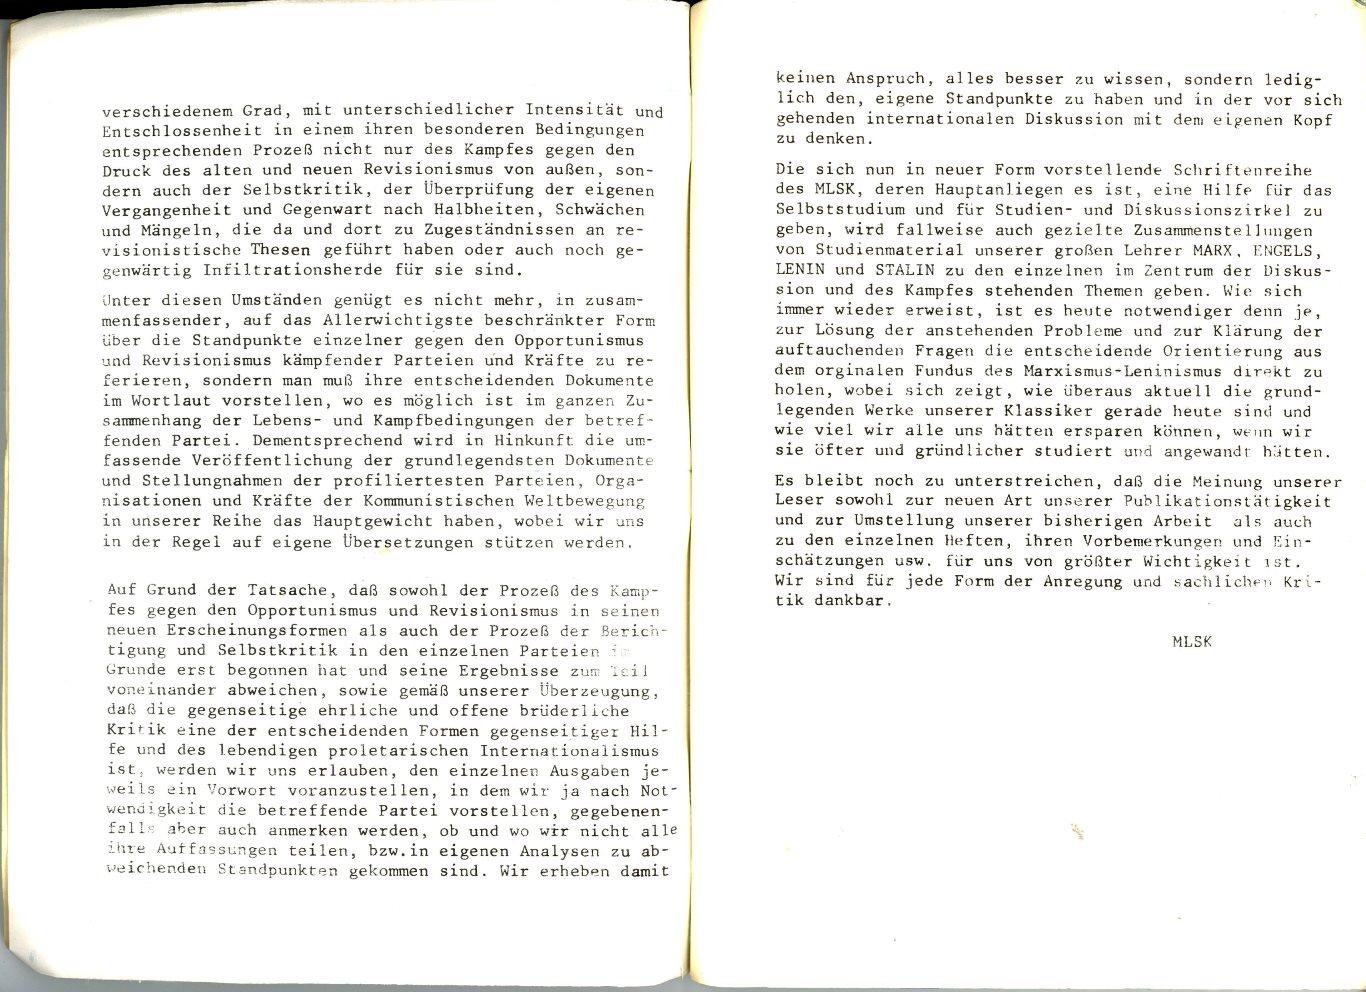 MLSK_Theorie_und_Praxis_des_ML_1978_20_03